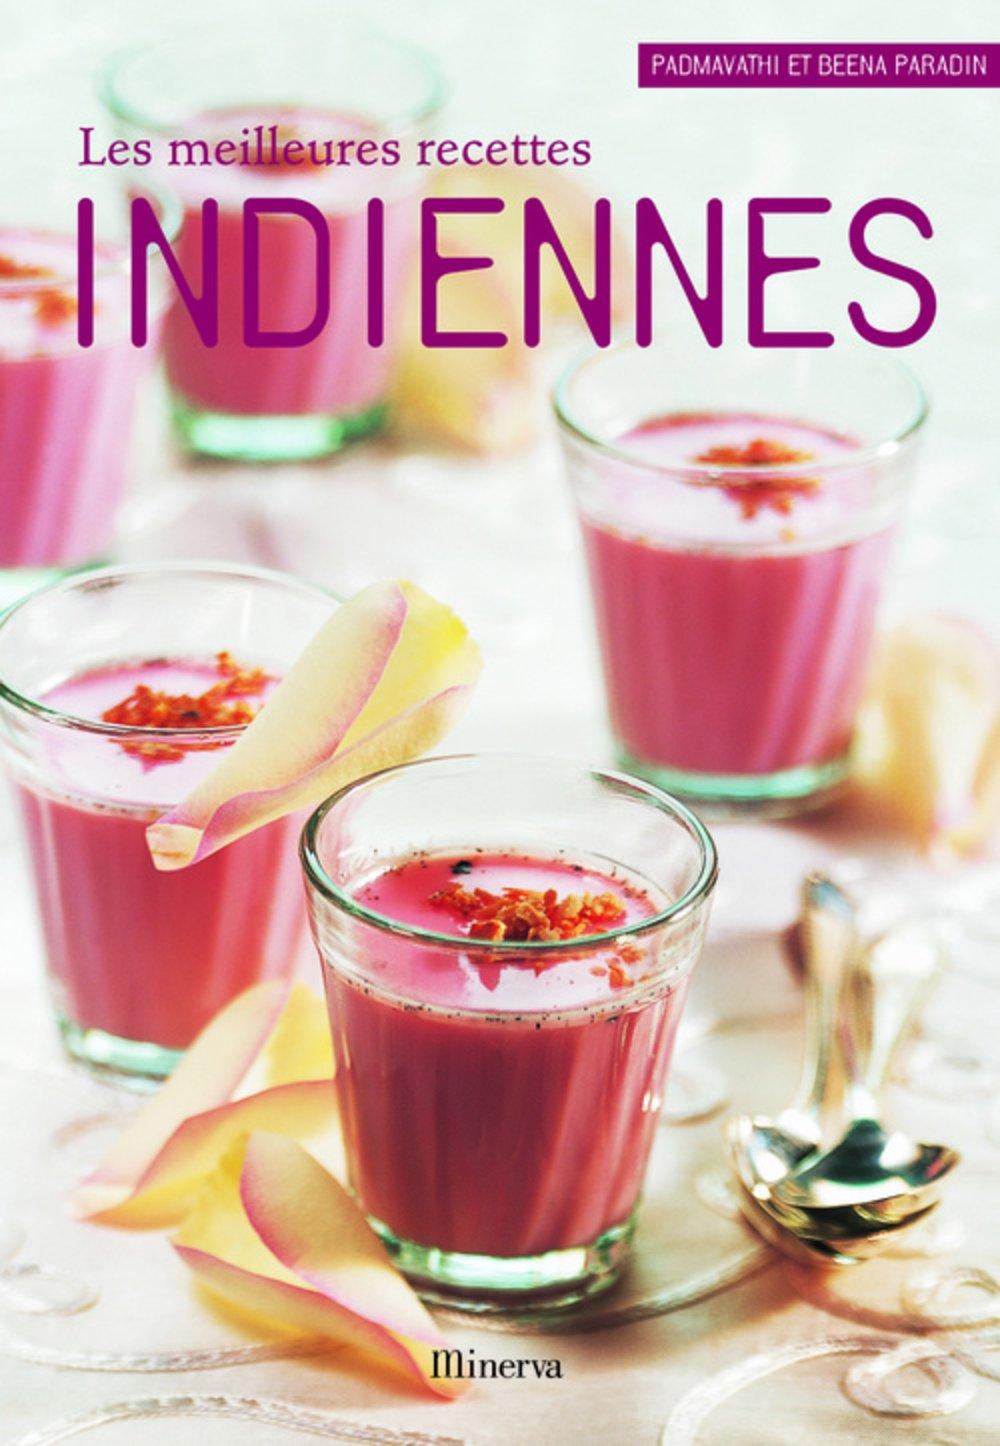 Les meilleures recettes indiennes - Padmavathi Paradin